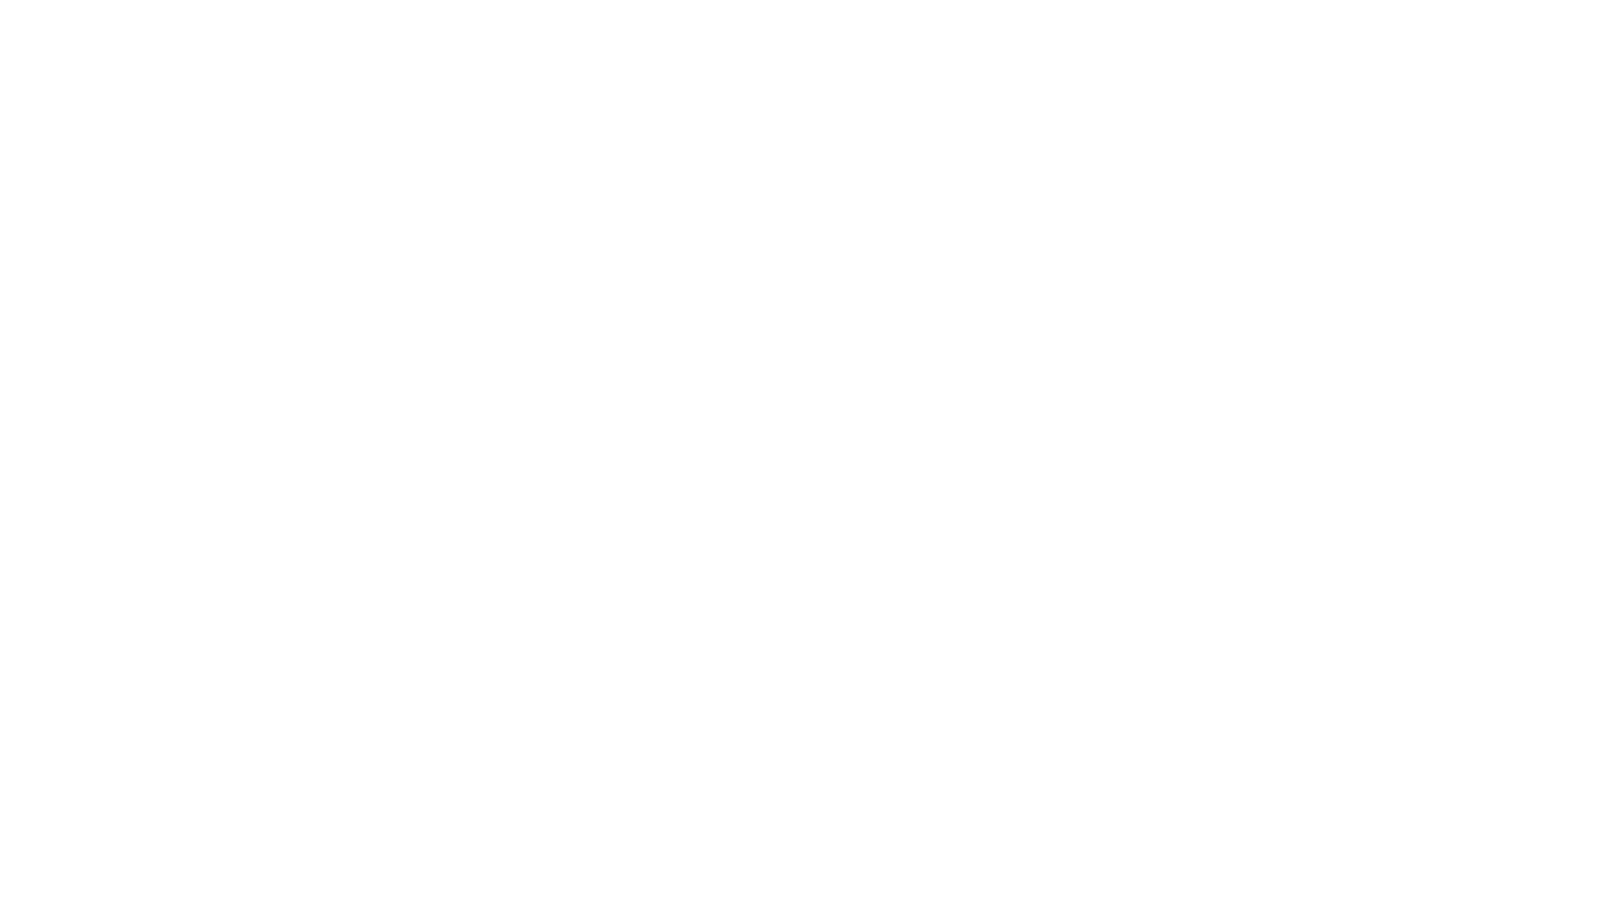 ↓ DEROULE MOI ↓  🌈 Hello Hellow, On se retrouve aujourd'hui pour une nouvelle Vidéo pour le Décryptage Astro Business de cette Nouvelle Lune Eclipse en Gémeaux qui aura eu lieu le 10 Juin à 14h53 (Heure de la Réunion) et 12h53 (Heure de Paris)   Cette Nouvelle Lune Eclipse est un peu spéciale car elle est en conjonction avec le Noeud Nord et Mercure Rétrograde en Gémeaux. Elle nous invite à retravailler notre communication et redéfinir notre audience cible pour mieux développer notre business.  Elle nous propose beaucoup de challenge mais elle nous éclaire sur des pistes de solution.   Les principaux challenge de cette Nouvelle Lune    ✅ Conjontion Soleil, Lune, Mercure Rétrograde, Noeud Nord : Vers quoi l'on doit tendre pour développer notre business ?  ✅ Carré Neptune / Mercure rétrograde : Pourquoi on manque de focus dans notre communication et vers notre audience cible ?  ✅ Trigone Mercure Rétrograde / Saturne et Sextil Mars / Netpune : Nos armes secrète pour traverser cette zone de turbulance  ✅ Carré Saturne / Uranus : Quels sont les changements que l'on doit apporter dans notre business ?    ✅ Opposition Mars / Pluton Rétrograde : Quelles sont les actions radicales a apporter dans notre business ?   ✅ Trigone Vénus / Jupiter et Sextile Vénus / Uranus : Garder à l'esprit ce que l'on aime faire dans notre business   Ne t'inquiete pas, chaque planète et aspect est expliqué et développé pour que tu comprennes la météo astrale afin de poser les bonnes stratégie dans ton business.   Si tu as des questions, je me ferais un plaisir de te répondre en commentaire   ****  🌈🙋🏽♀️ Je suis Boss Lydie, Astro Business et Productivity Planner.  ✨J'aide les femmes à créer un business en ligne aligné à leur mission de vie grâce à l'astrologie et l'astro productivity planner.   **** 🌸ABONNE-TOI ❤️ Si cette vidéo t'a plu, n'hésite à t'abonner à ma chaine et à activer la 🔔 pour être informée de mes prochaines vidéos Astro Business, Planner Productivité, Marketing.   On peut poursui